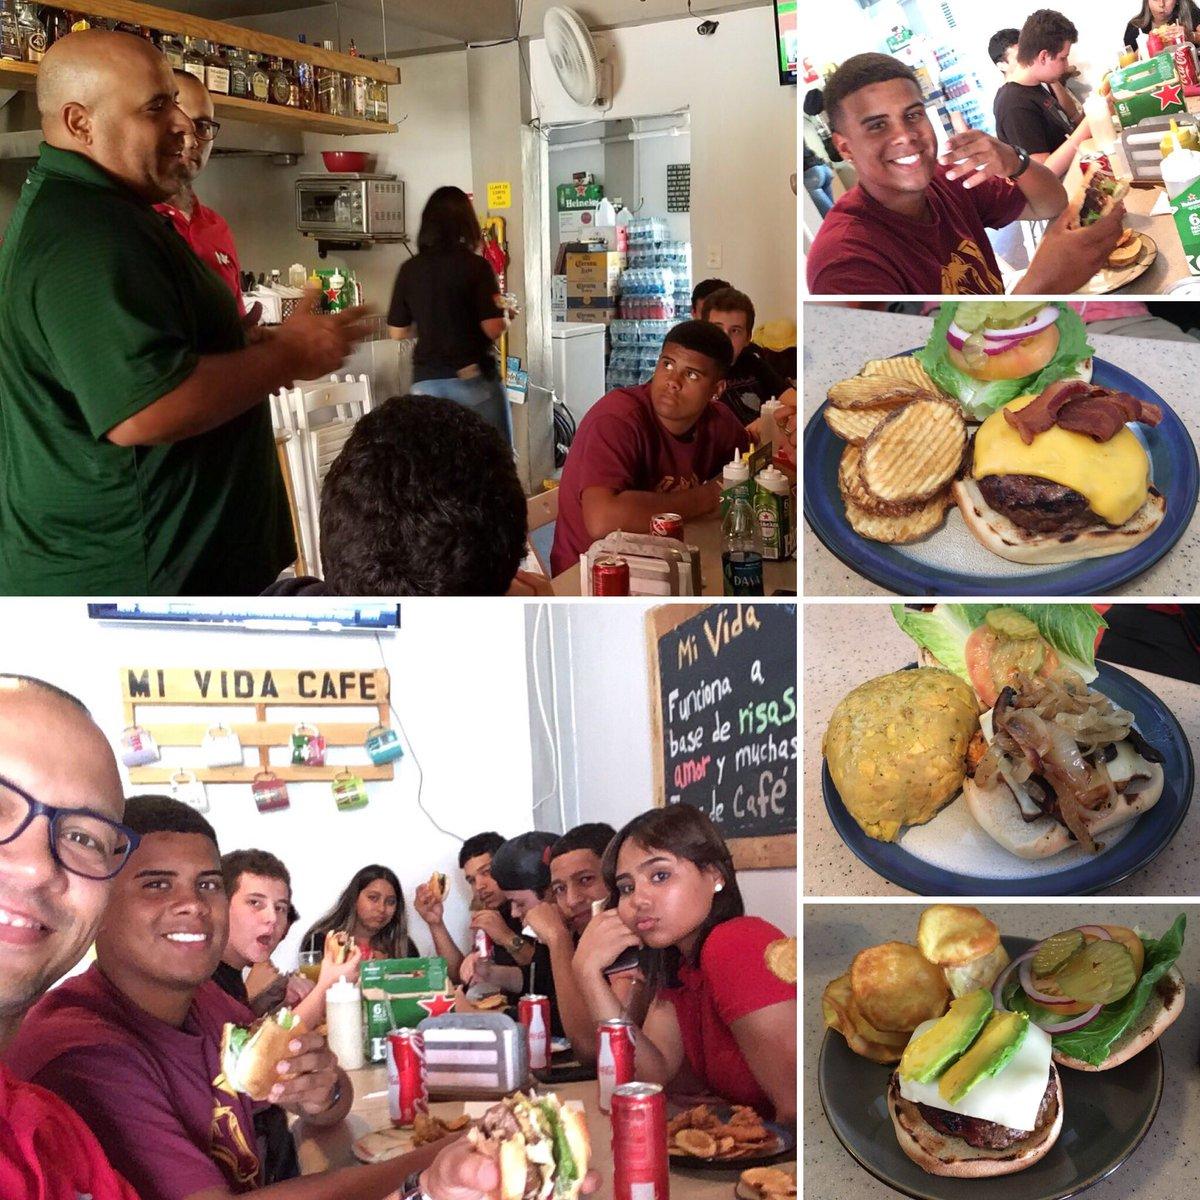 El Círculo Bunka Mirai visitó hoy @MividacafeB donde aprendió a comunicar nuestra cultura a través de un hamburger. Chef Raúl Muñiz les recibió y dialogó sobre su trayectoria y sobre darlo #TodoPorMiEstrella